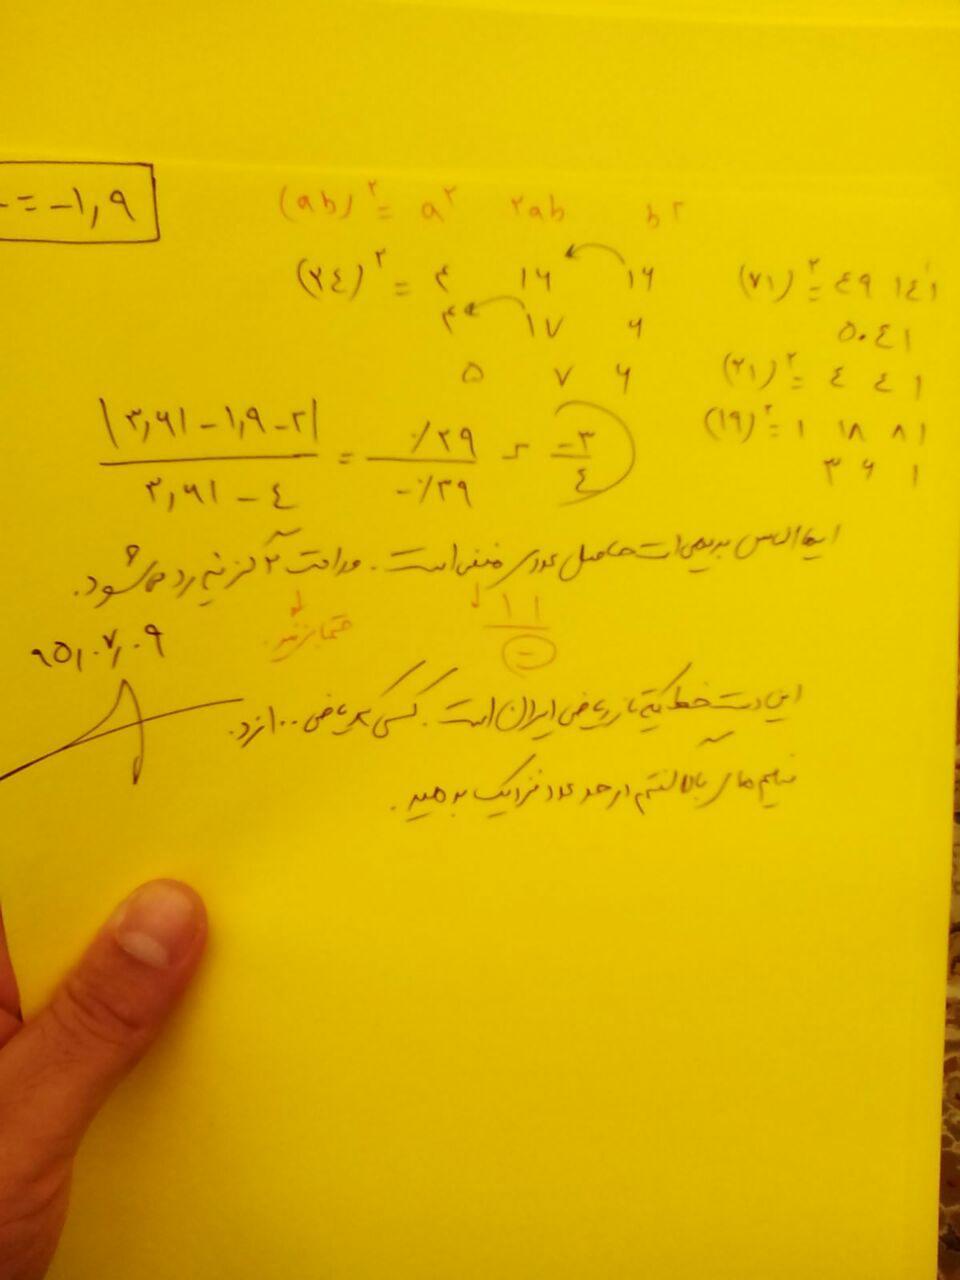 حل تکنیکی پیوستگی 9 مهر 95 کانون